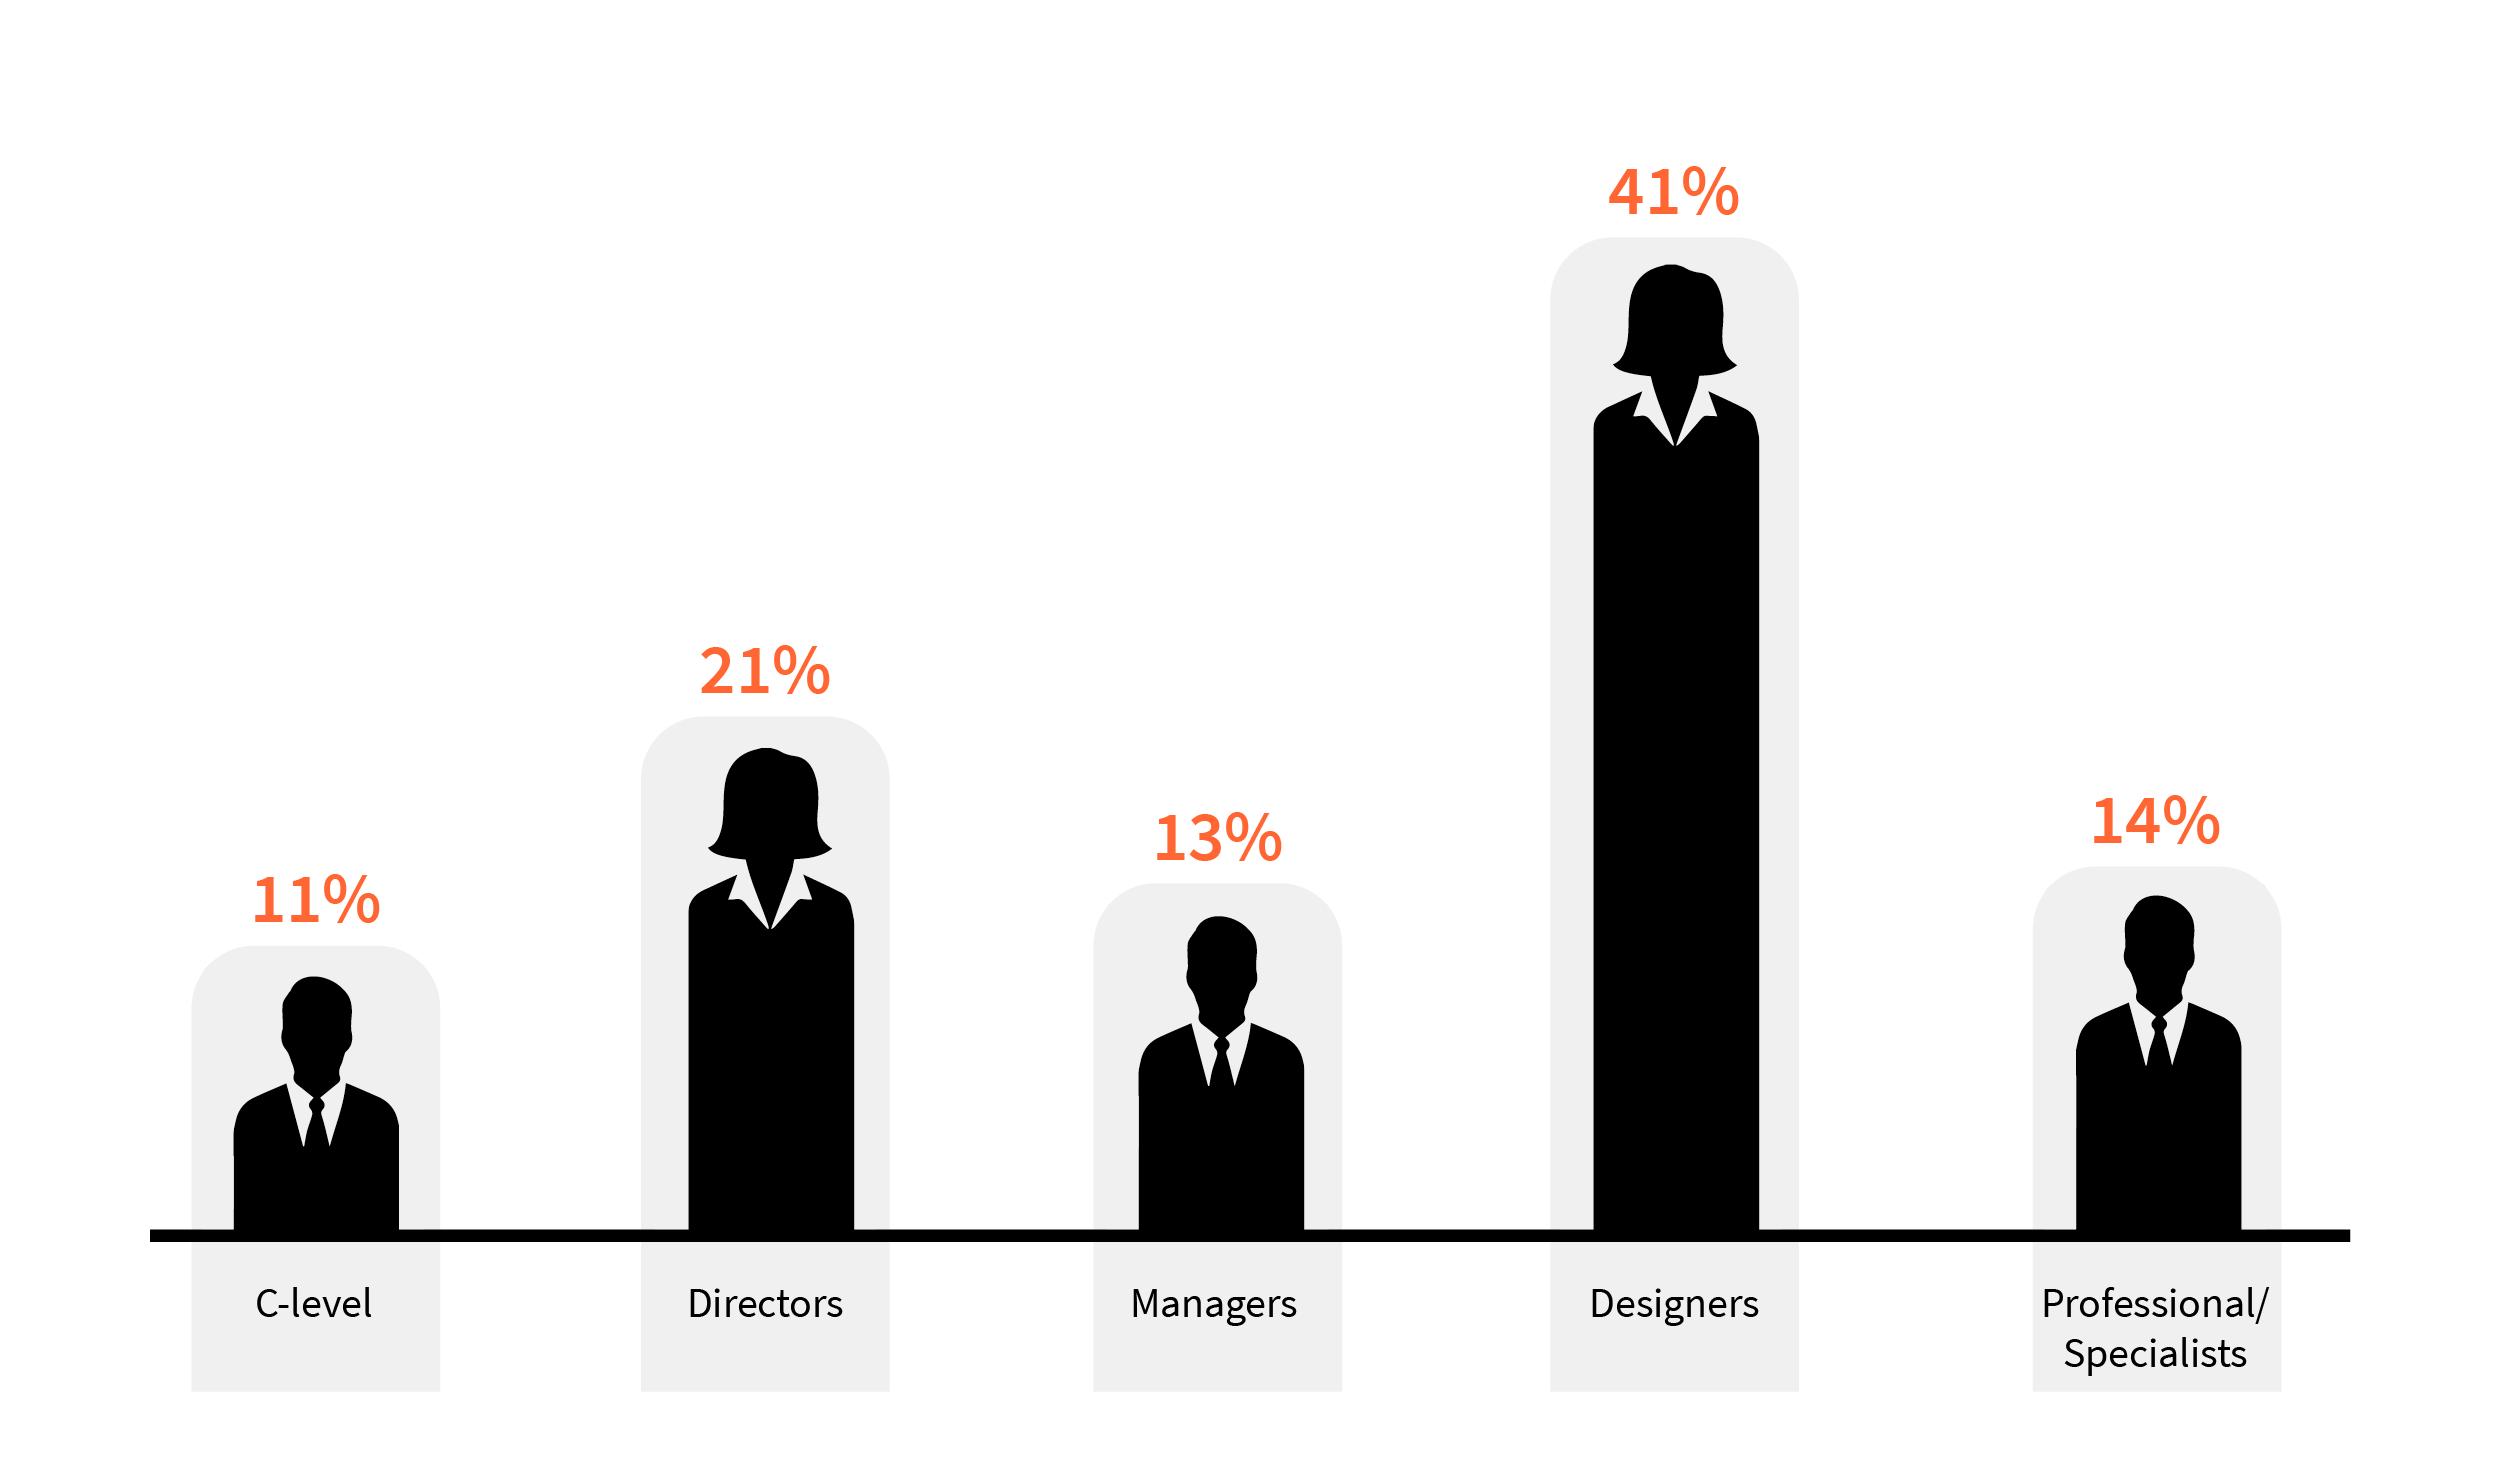 Seniority Level infographic